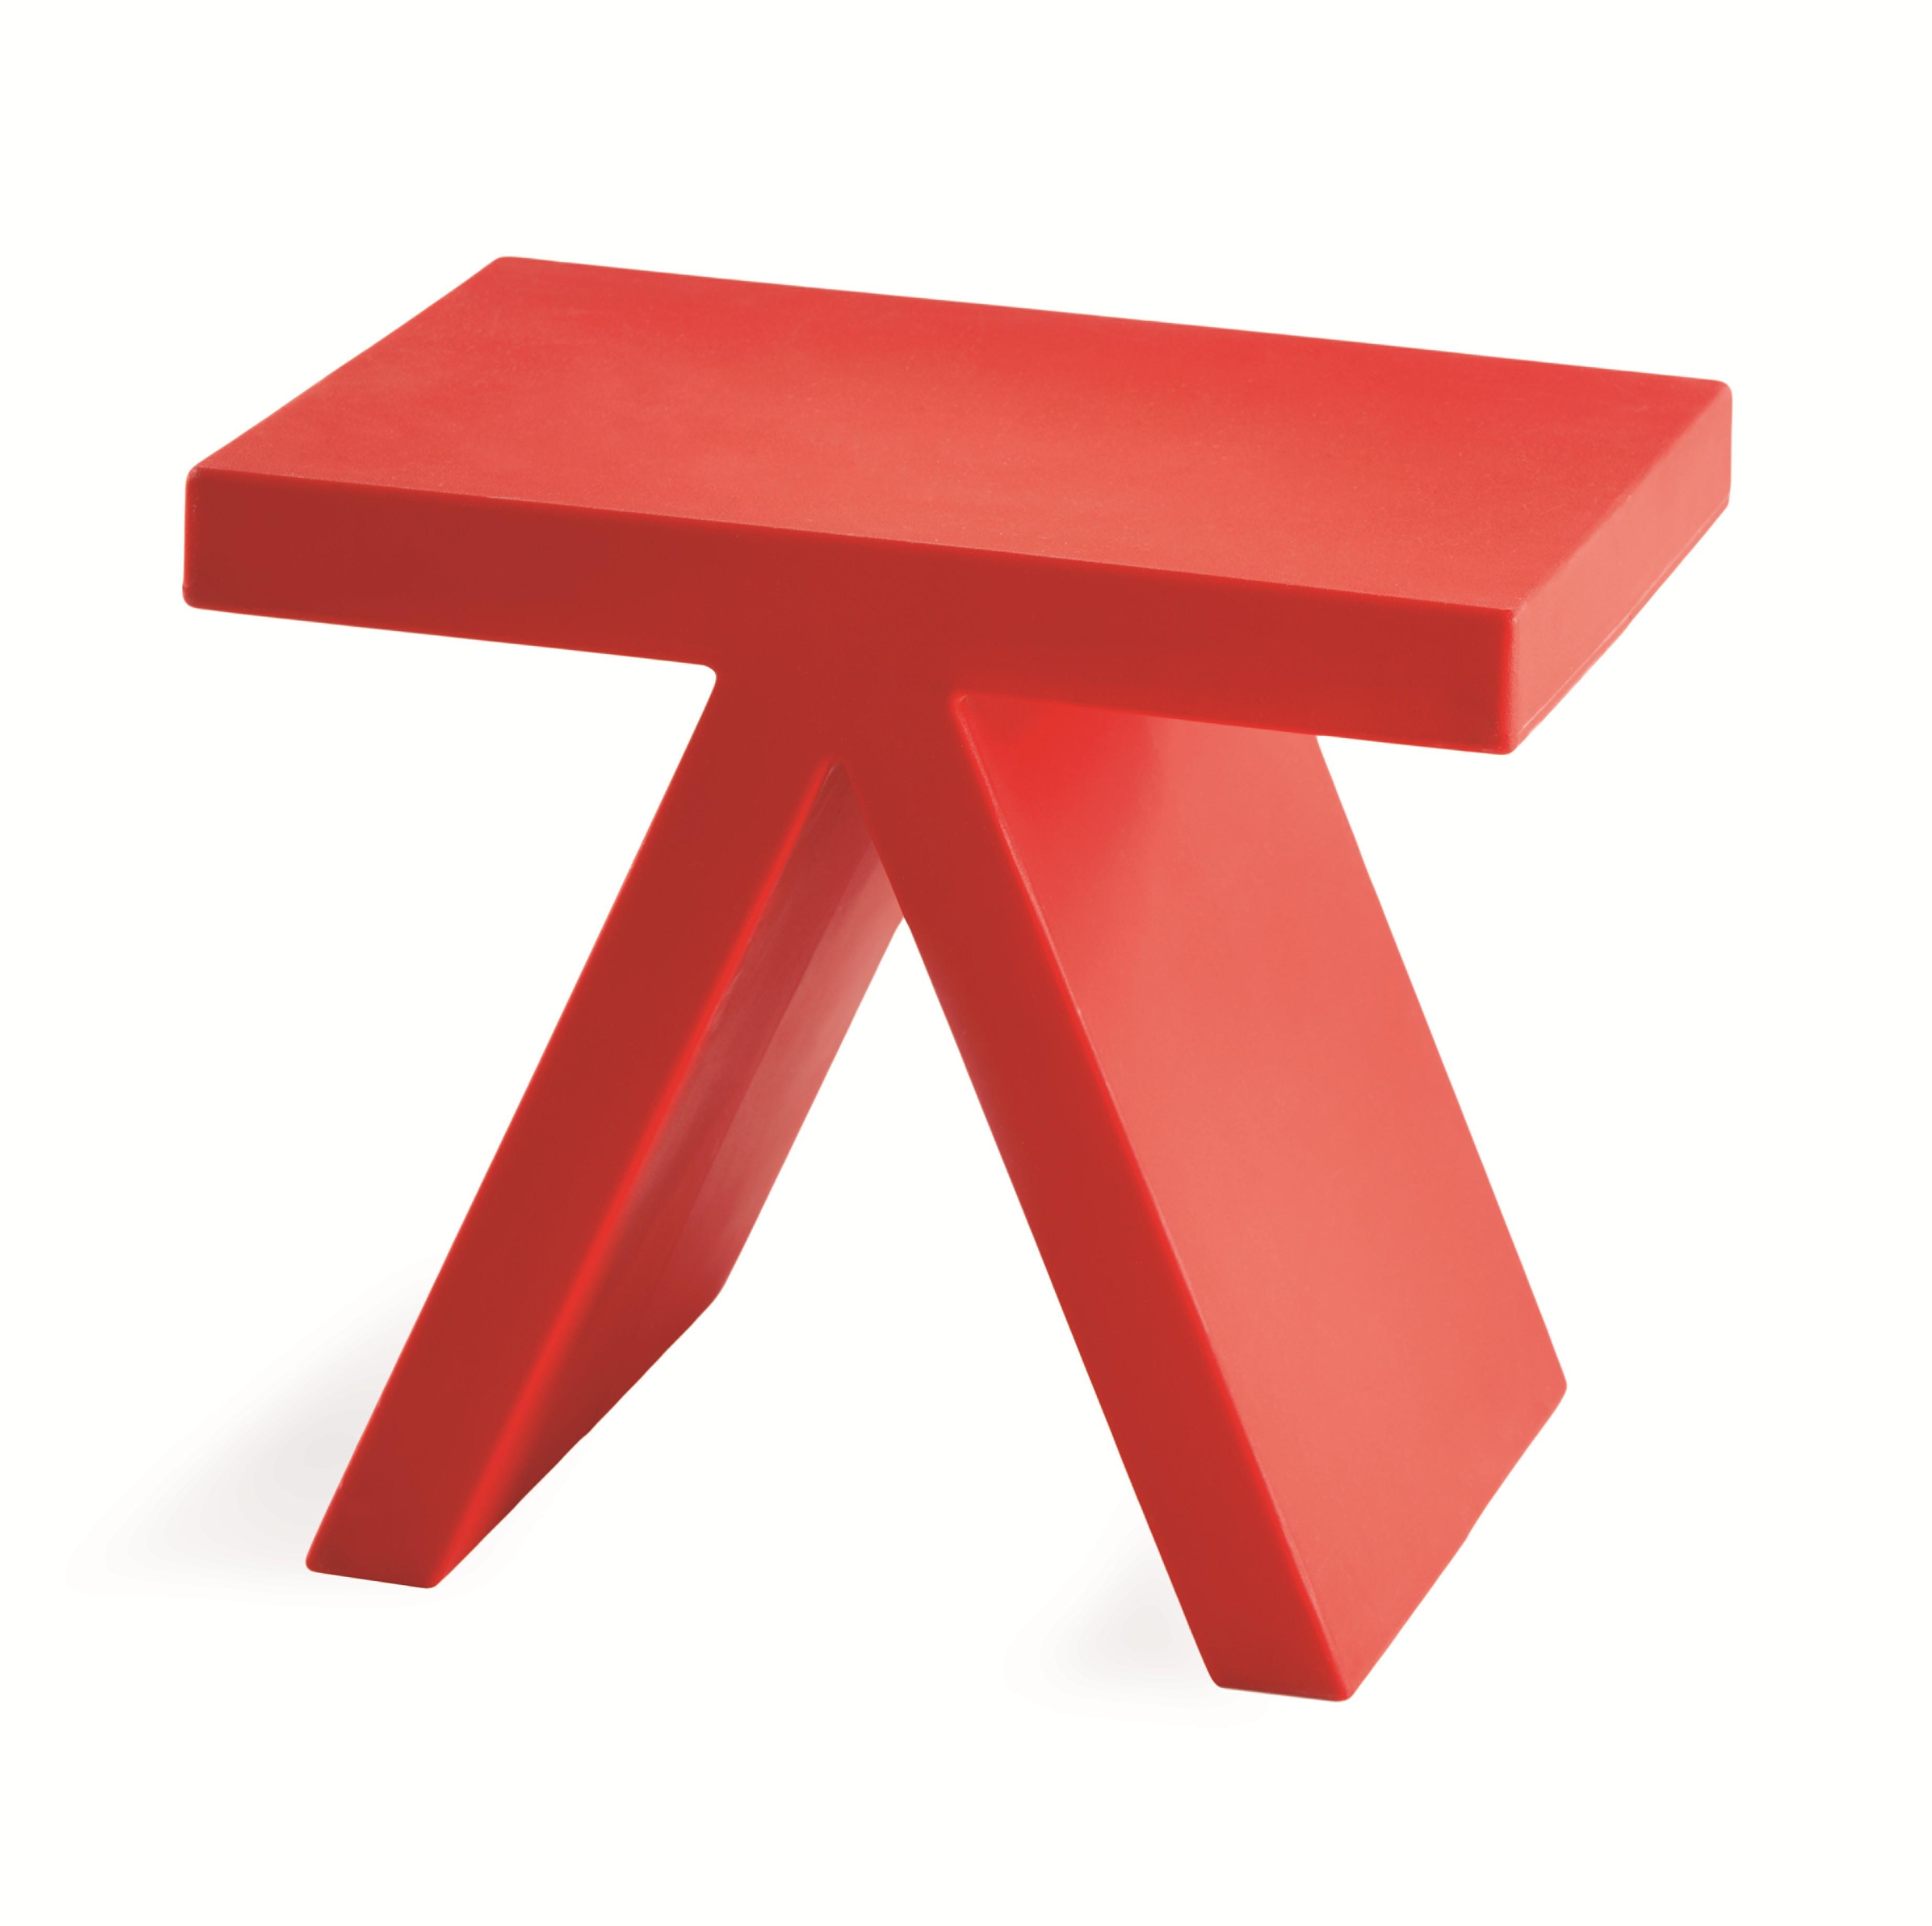 table d 39 appoint ou tabouret toy de slide. Black Bedroom Furniture Sets. Home Design Ideas